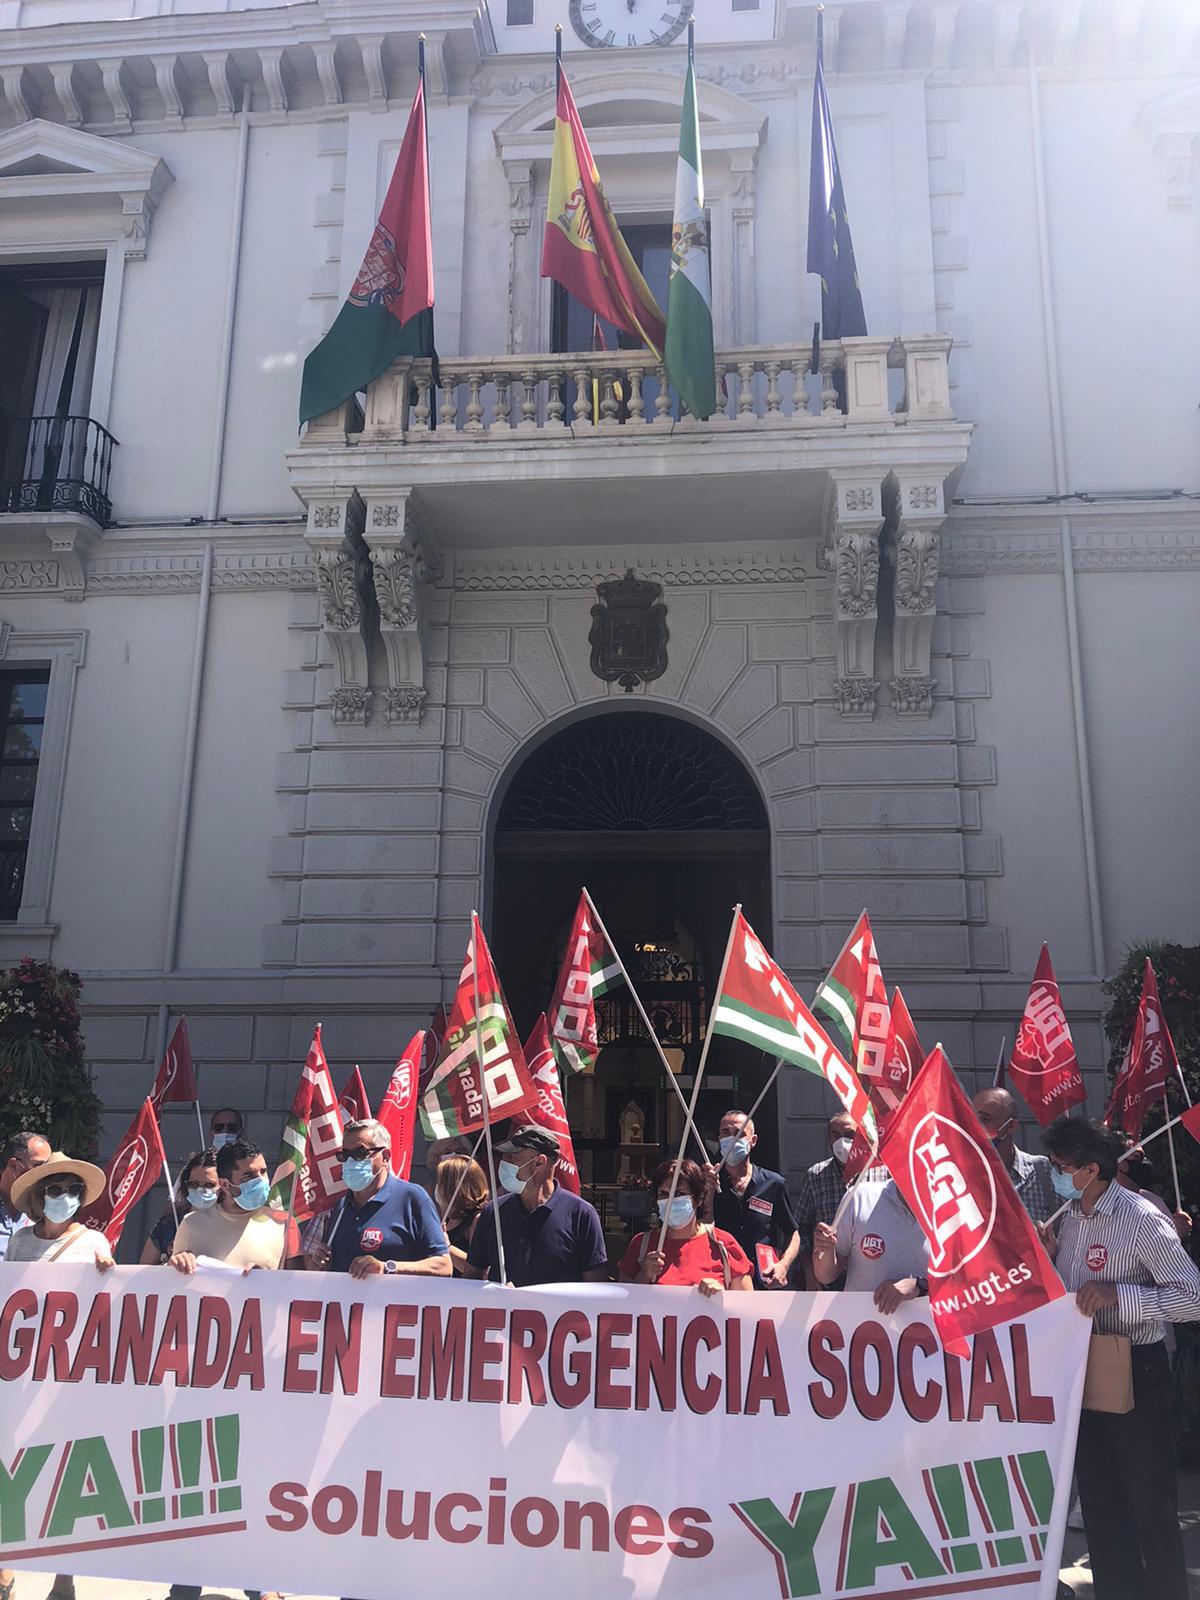 Continúan las protestas por la inacción y falta de respuesta del Ayuntamiento de Granada ante el Plan de Emergencia Social